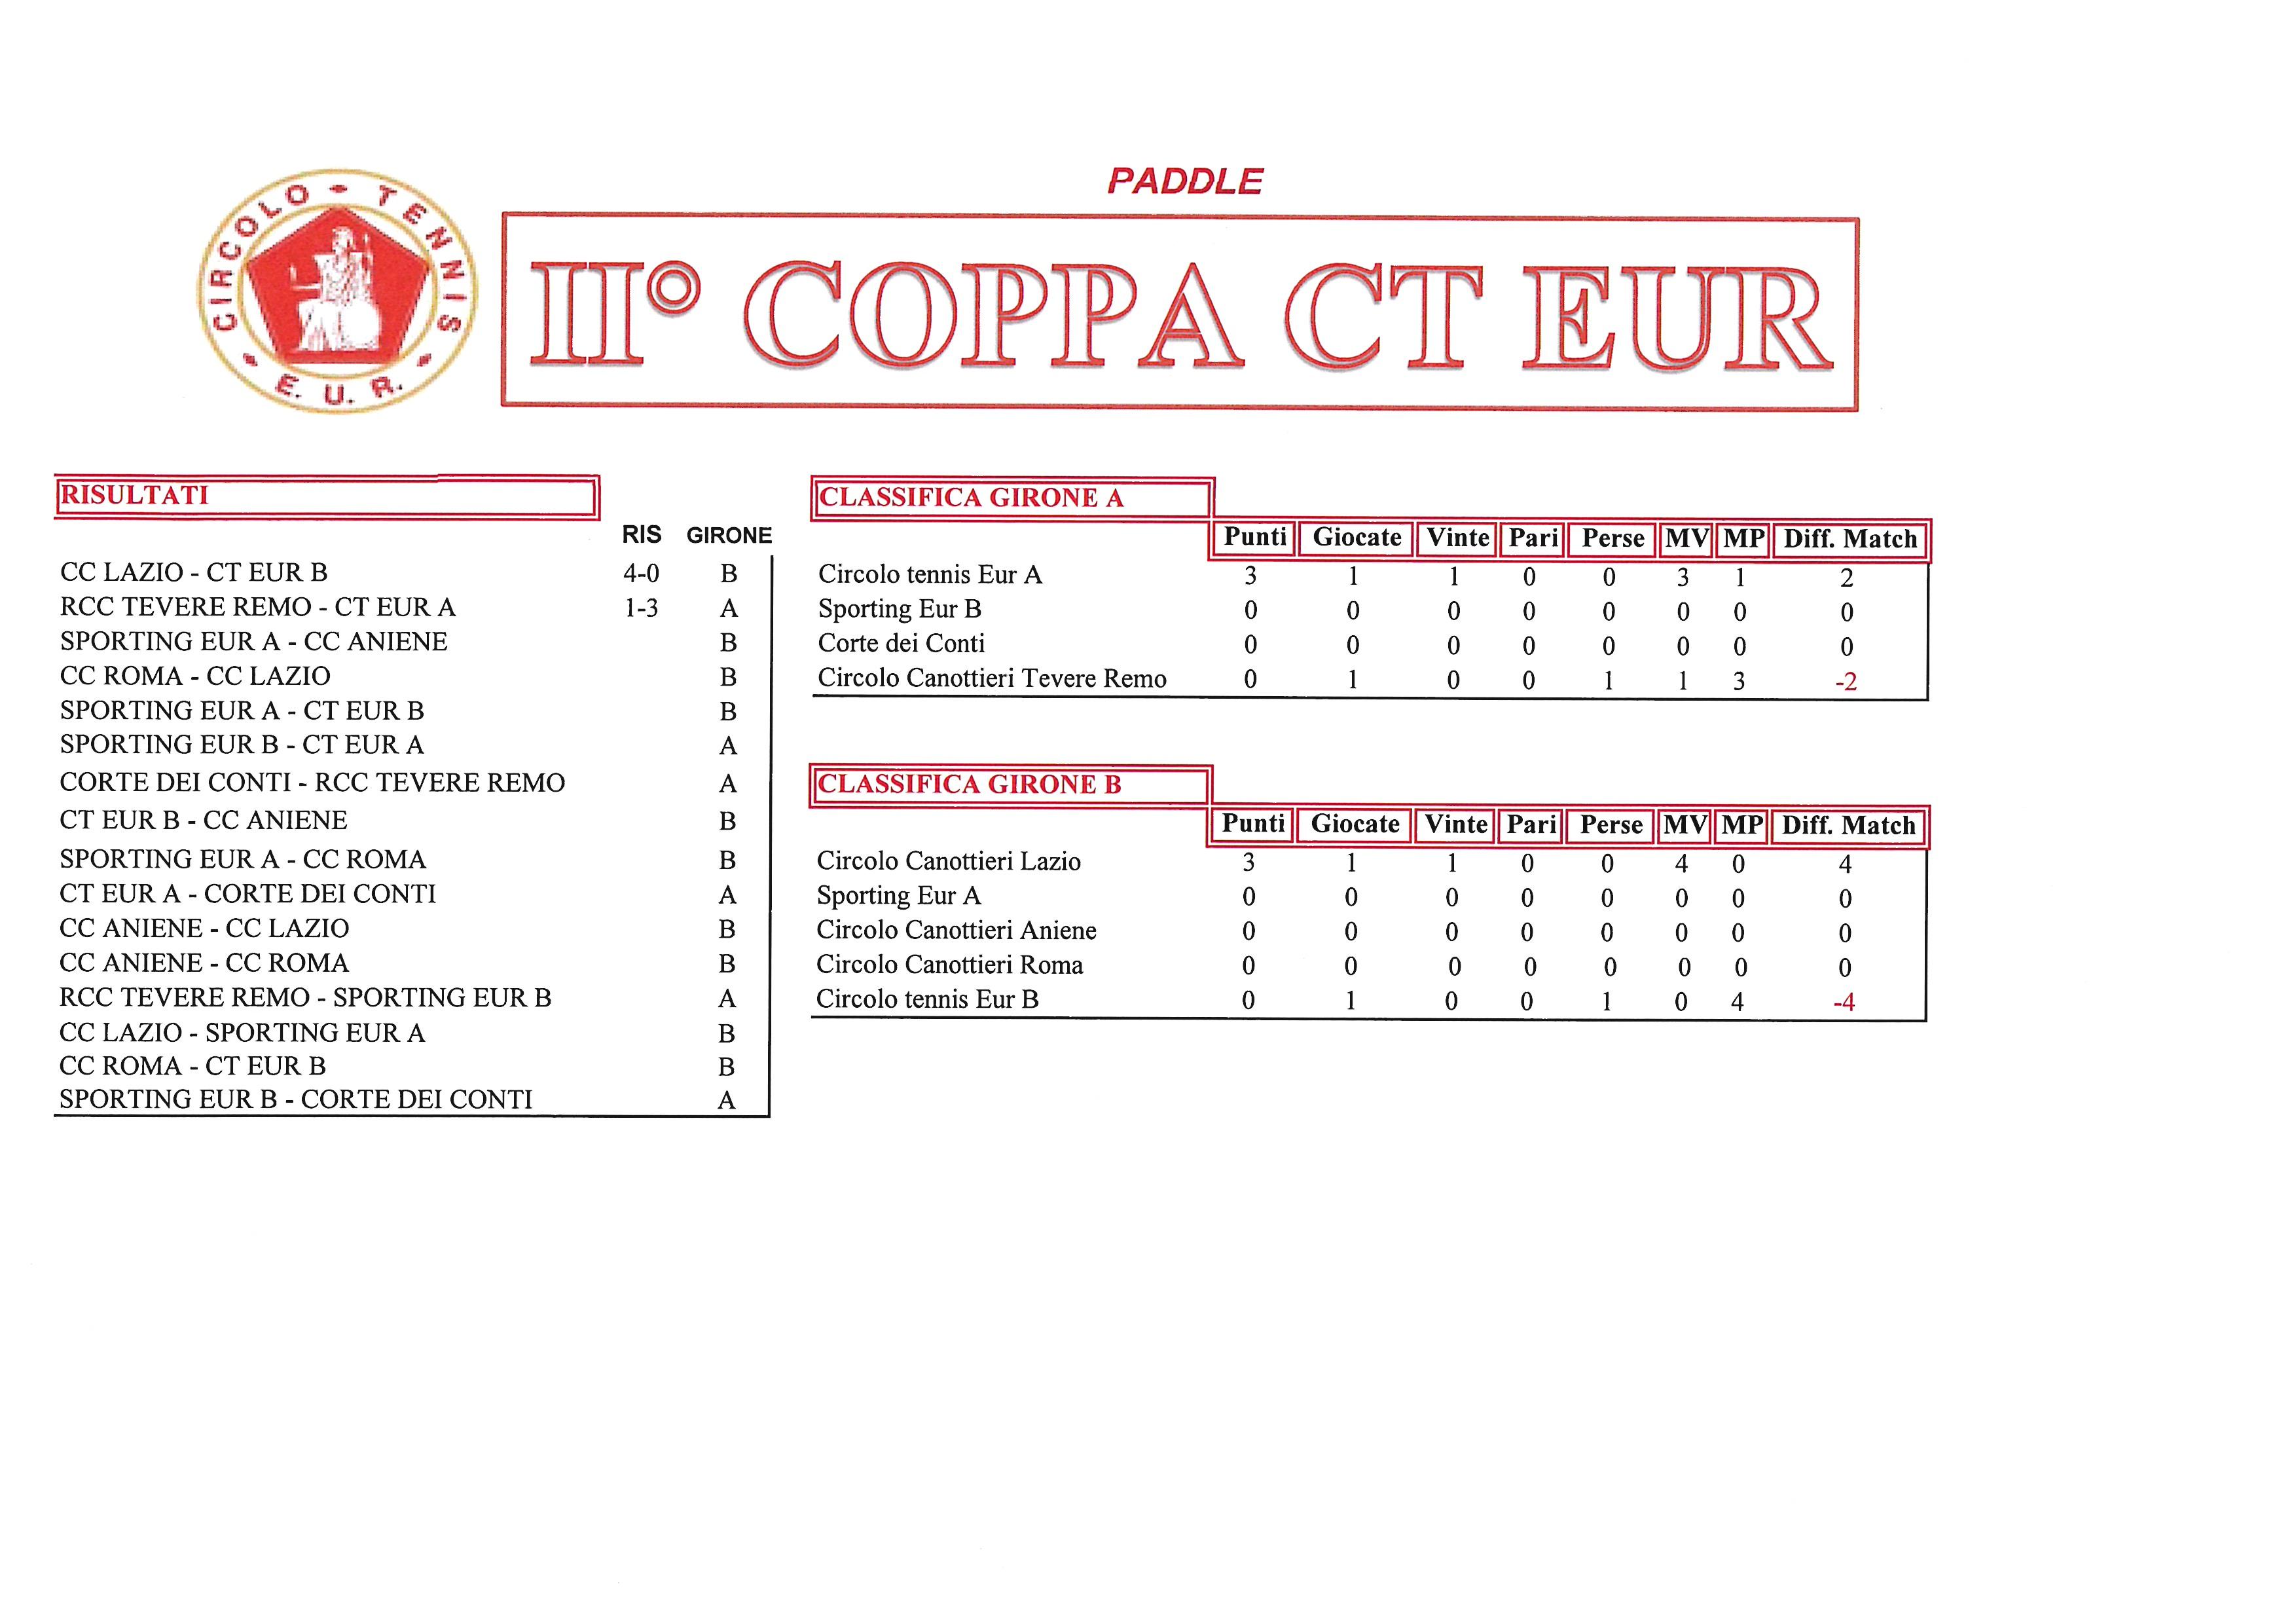 Coppa CT Eur risultati del 21 settembre2017 paddle